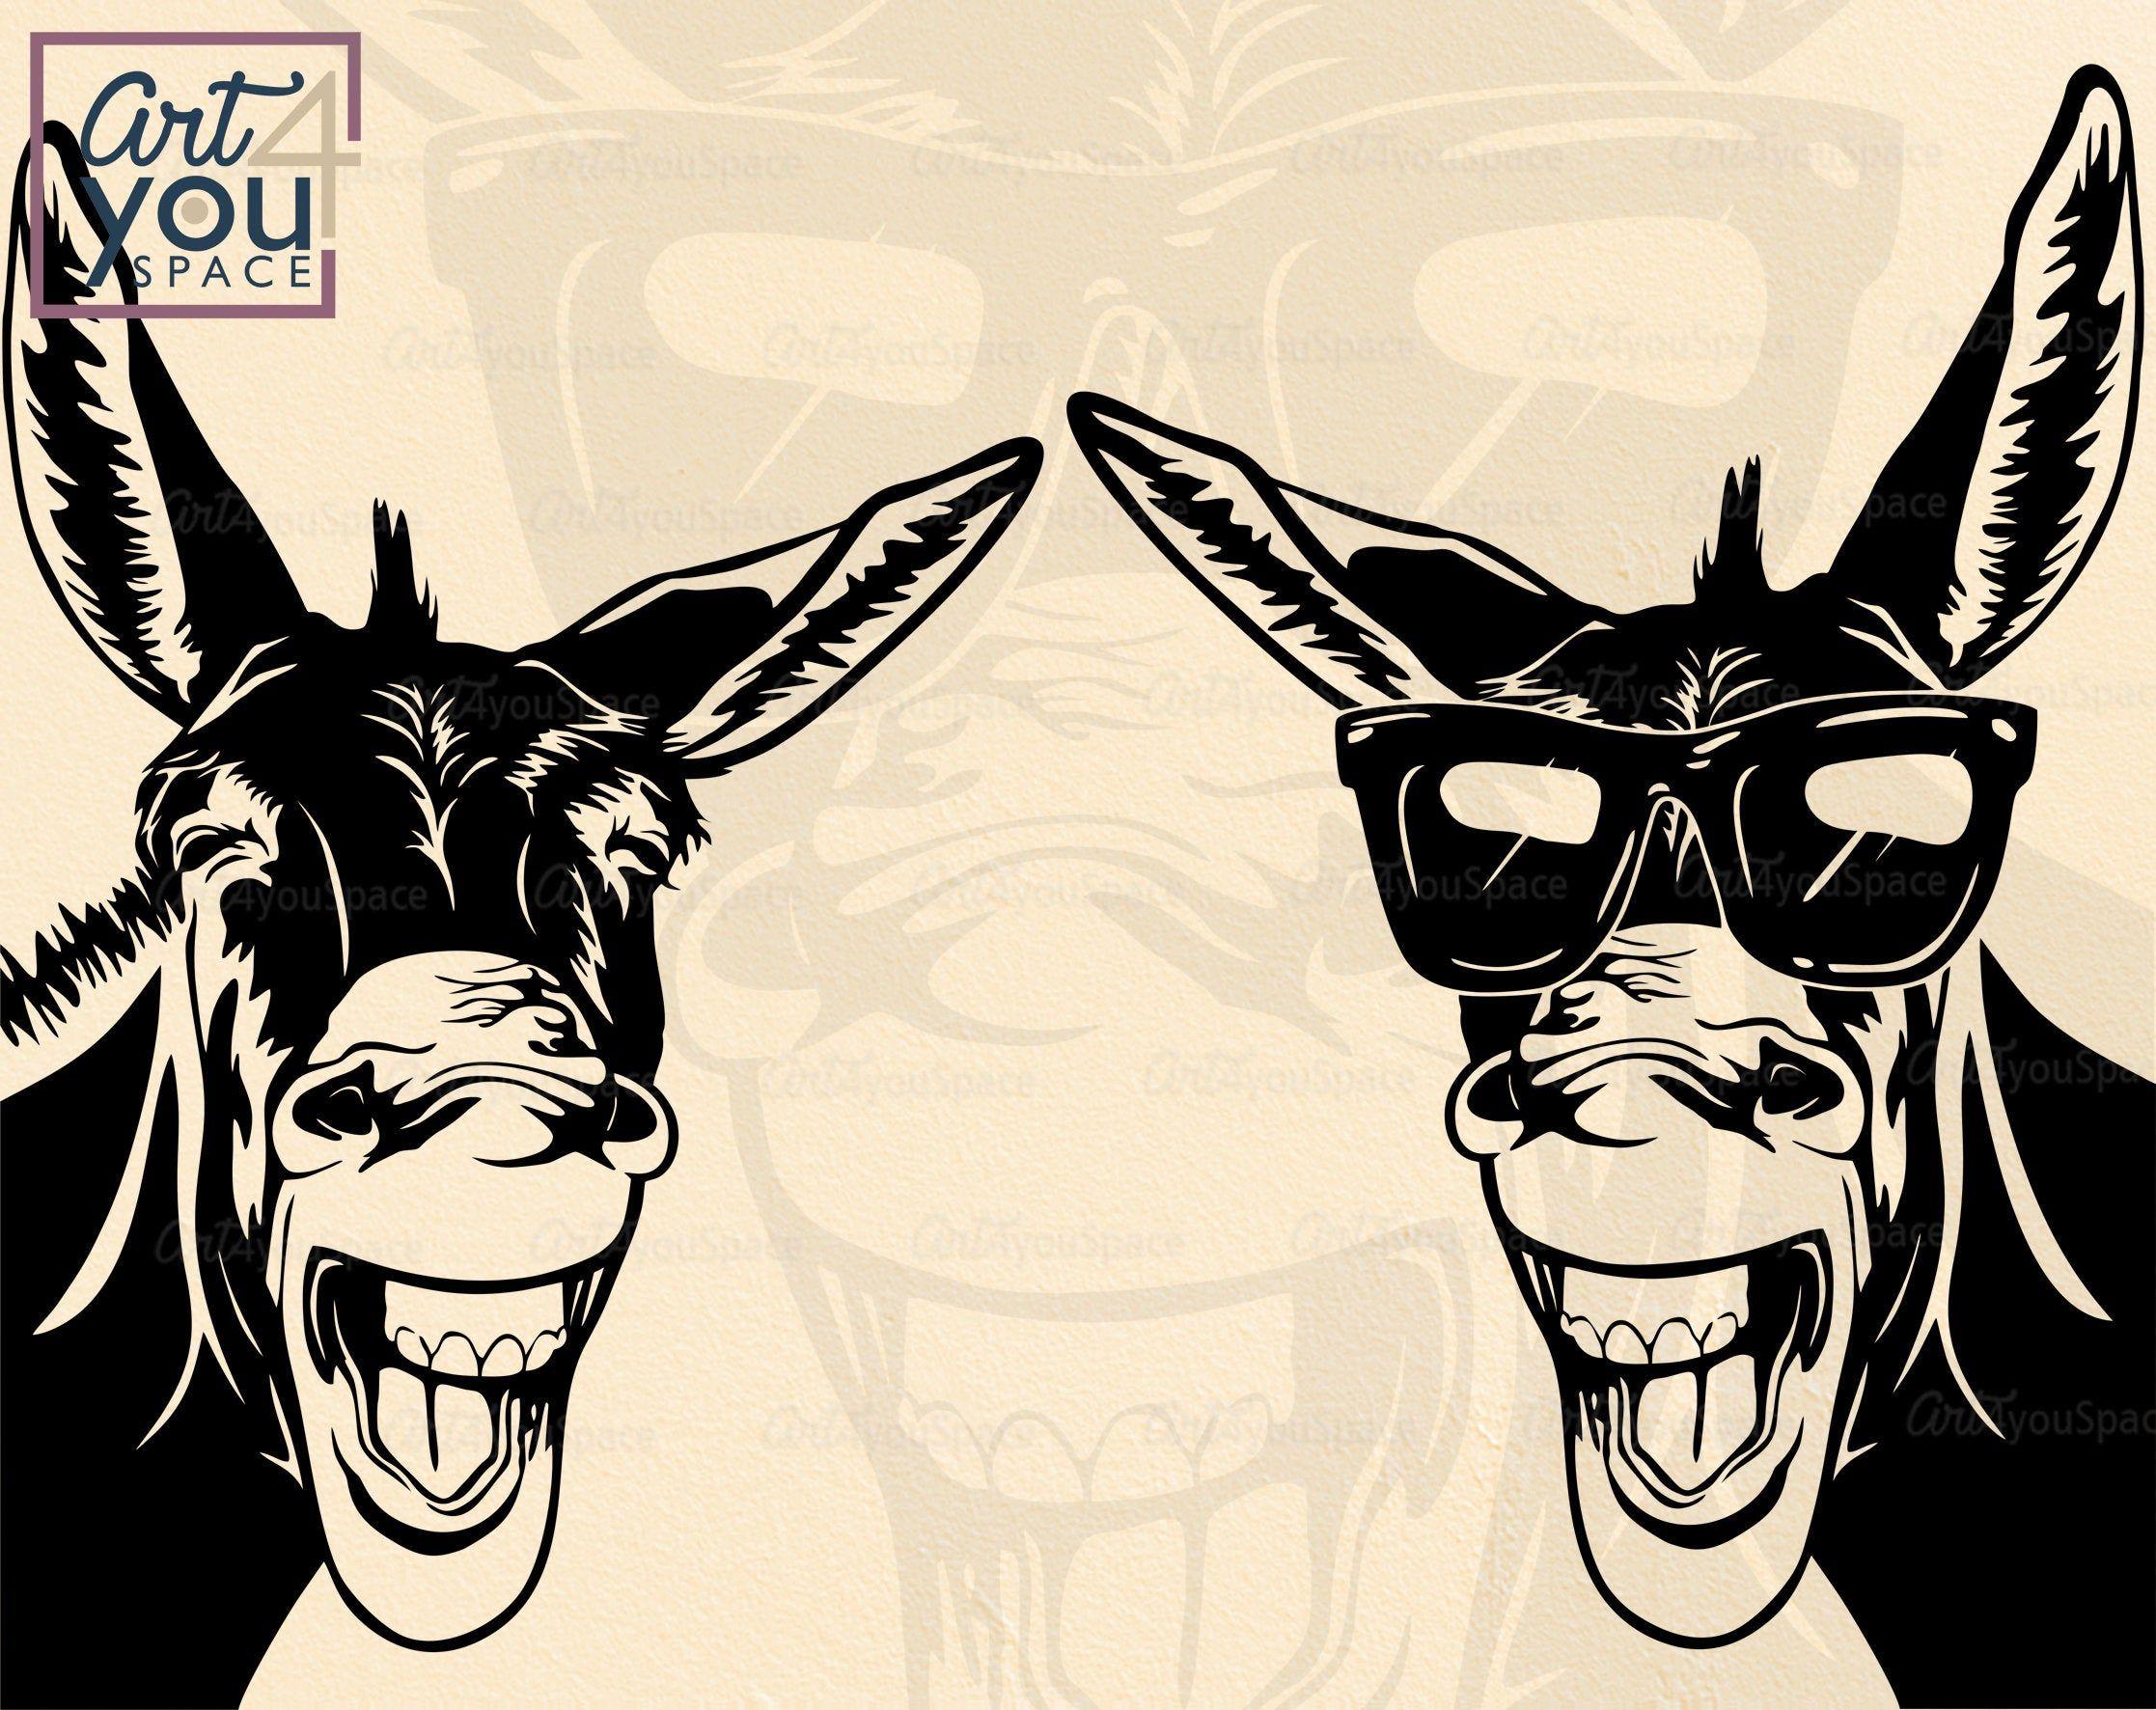 Donkey Svg Cricut Funny Animal Glasses Farm Head Peeking Etsy In 2021 Animal Clipart Donkey Drawing Donkey Images